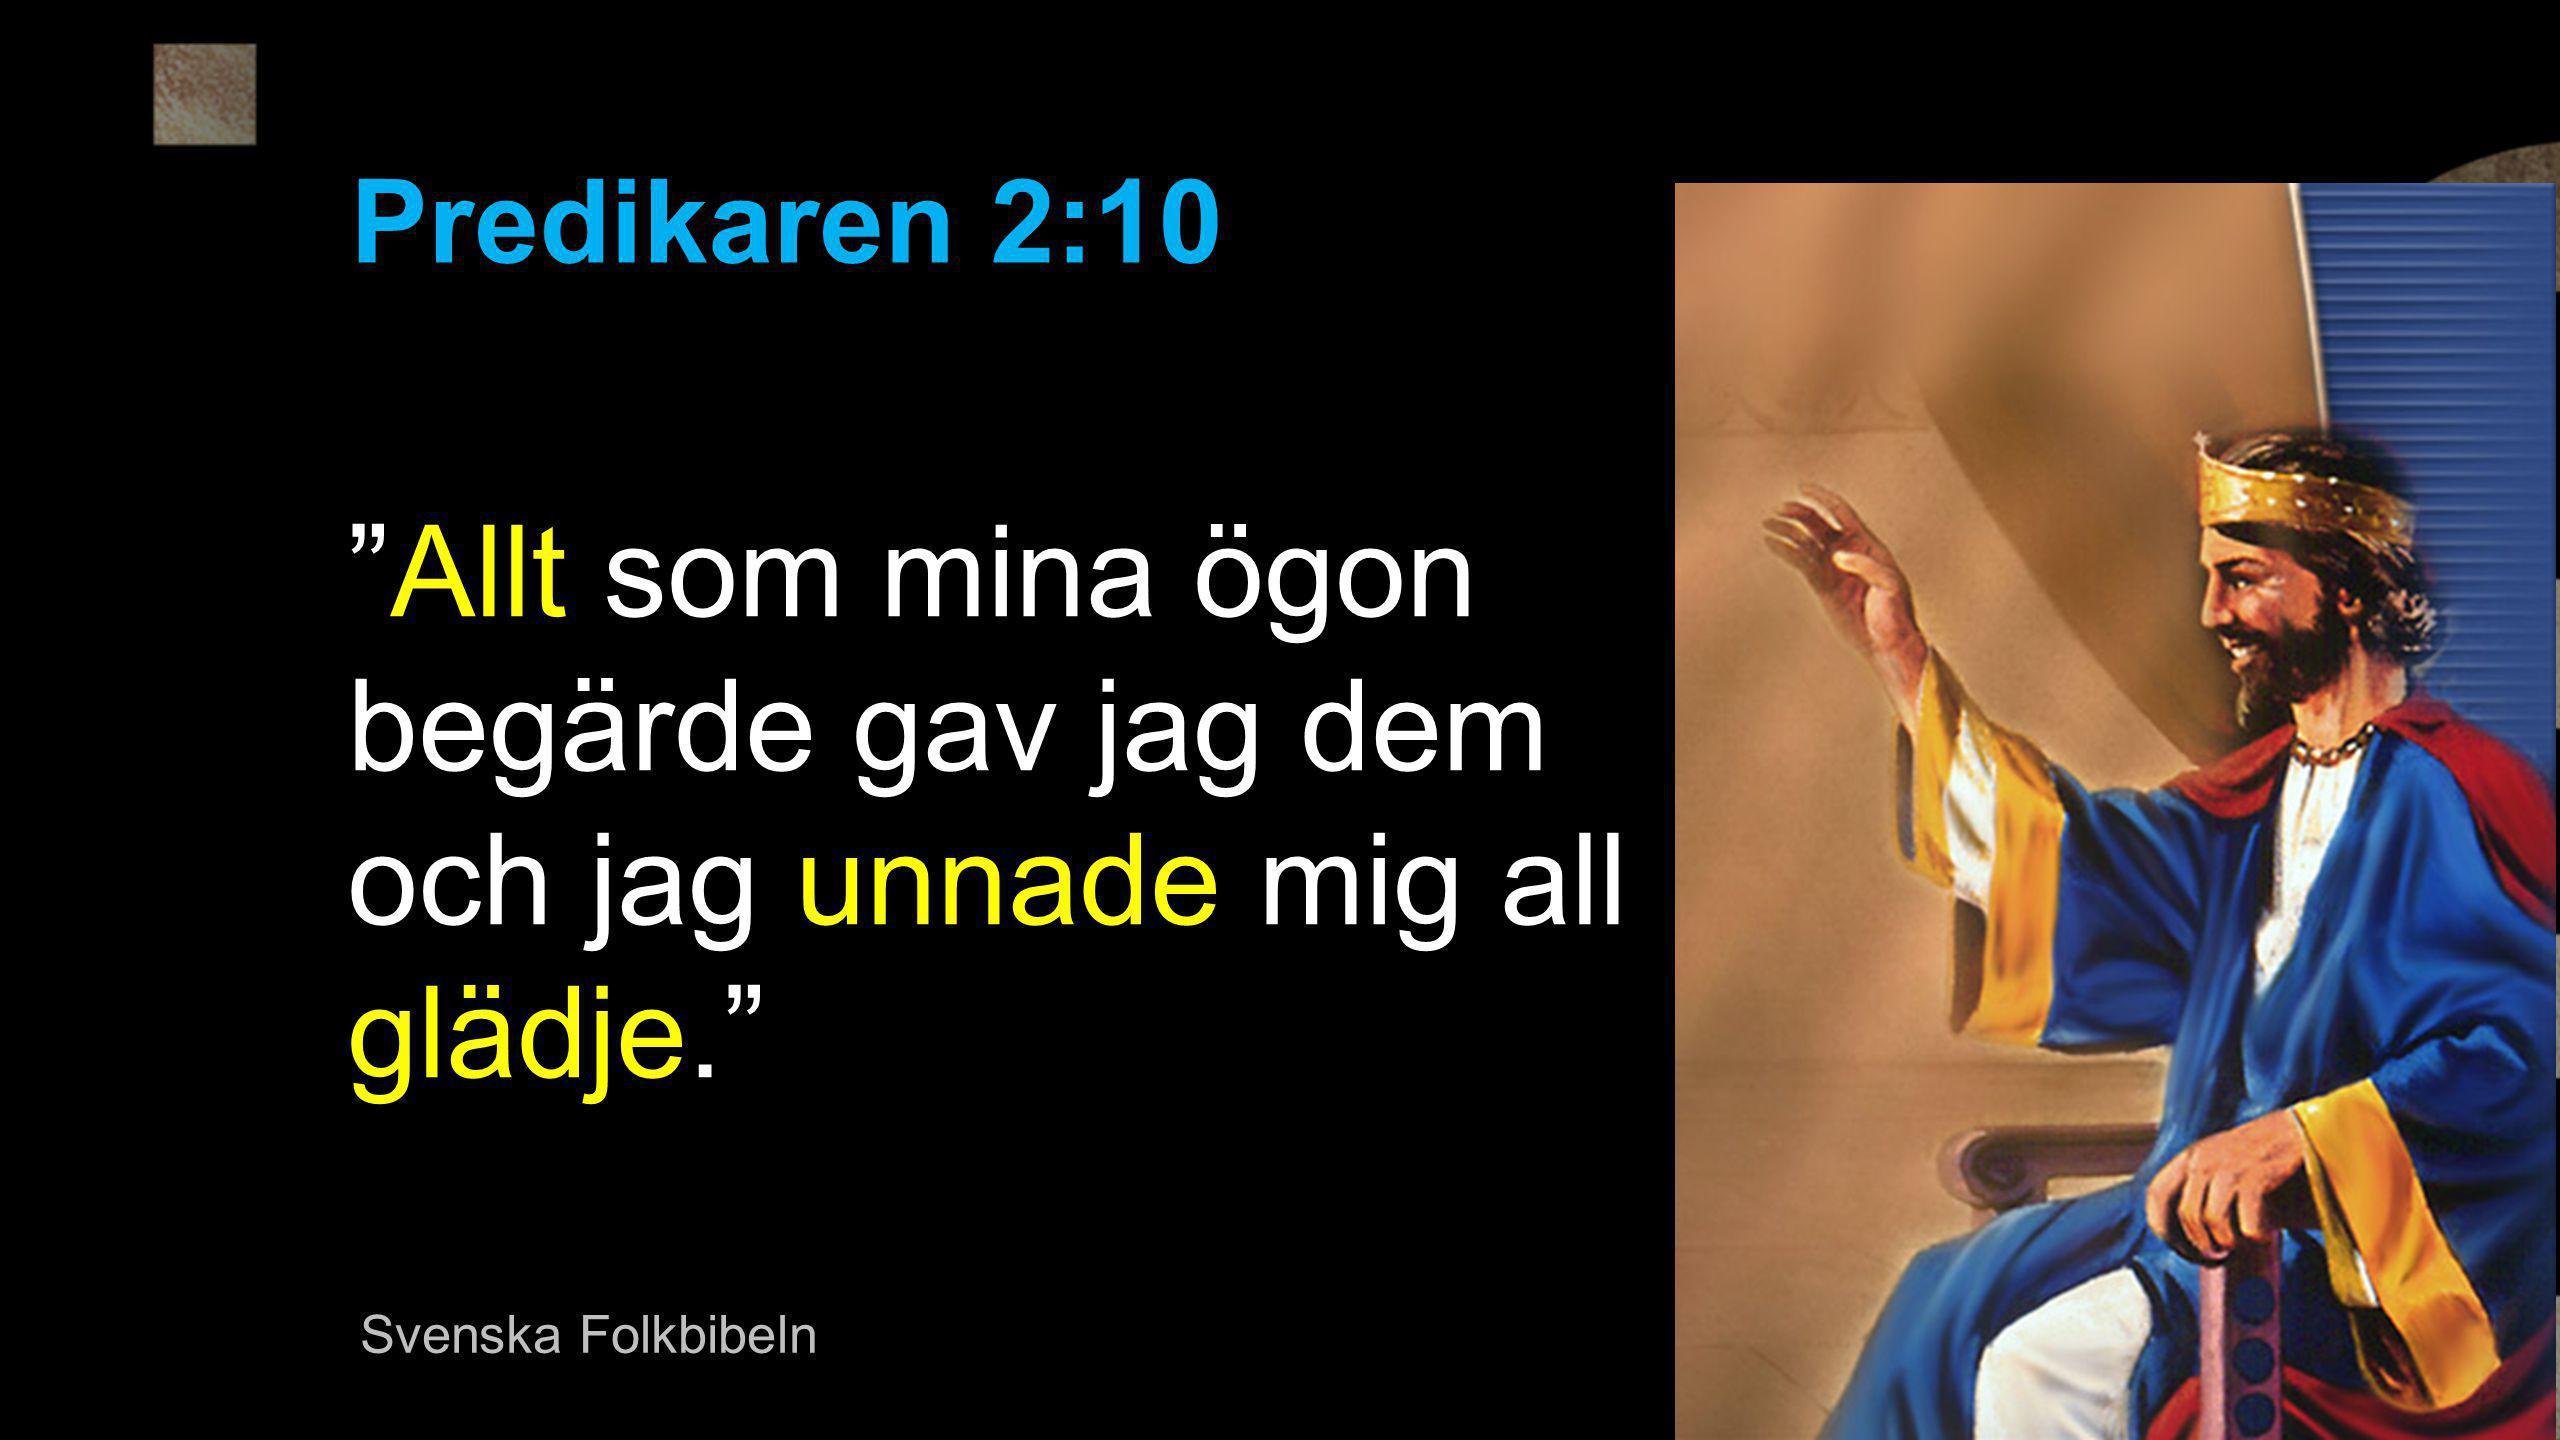 """""""Allt som mina ögon begärde gav jag dem och jag unnade mig all glädje."""" Predikaren 2:10 Svenska Folkbibeln"""